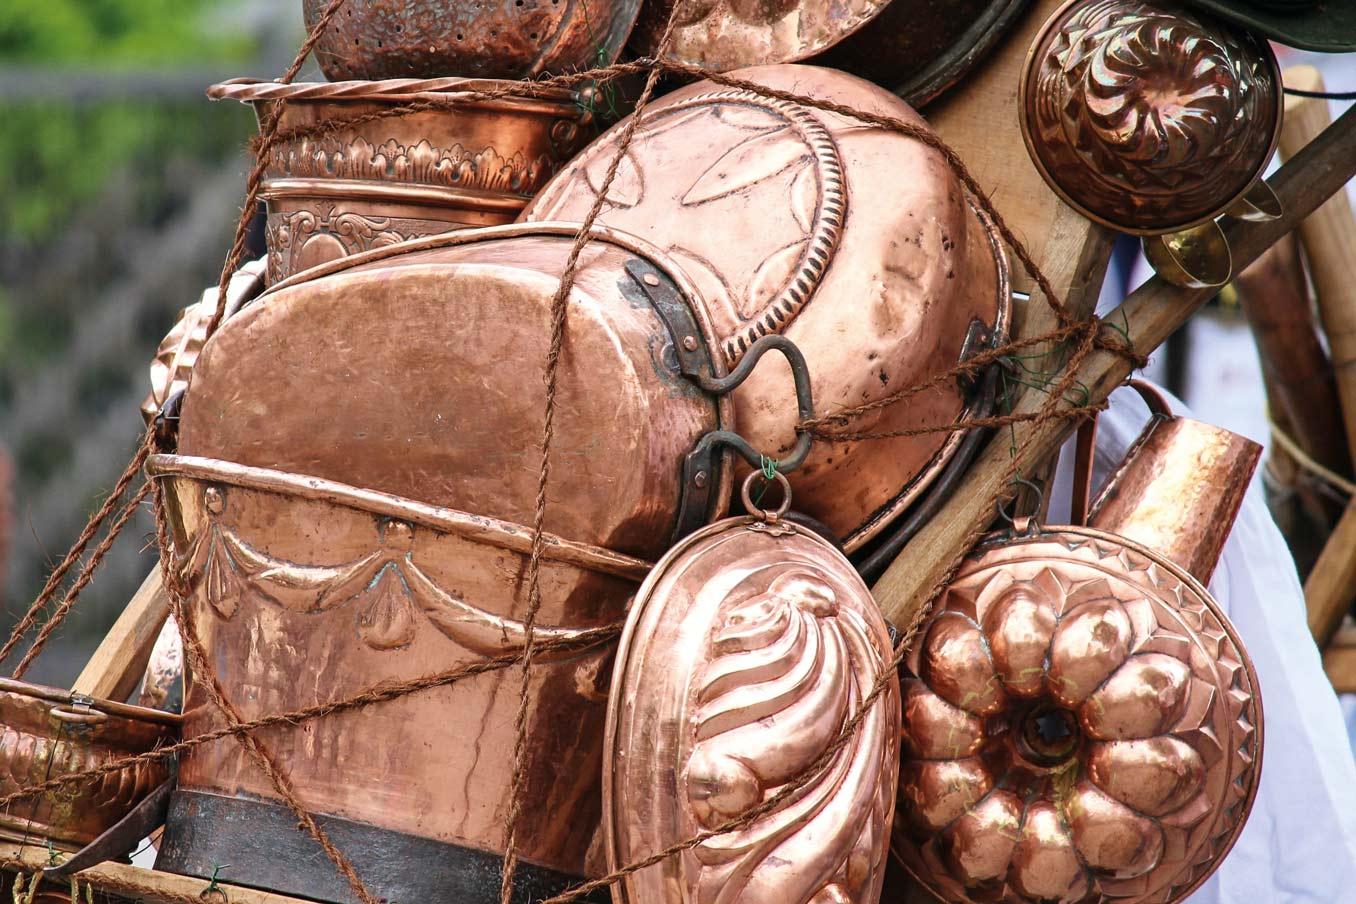 Eine Kiepe beladen mit Kupfergeschirr.Auch mit solchen Waren tippeltensauerländische Wanderhändler durch dieLande © Manfred Richter – pixabay